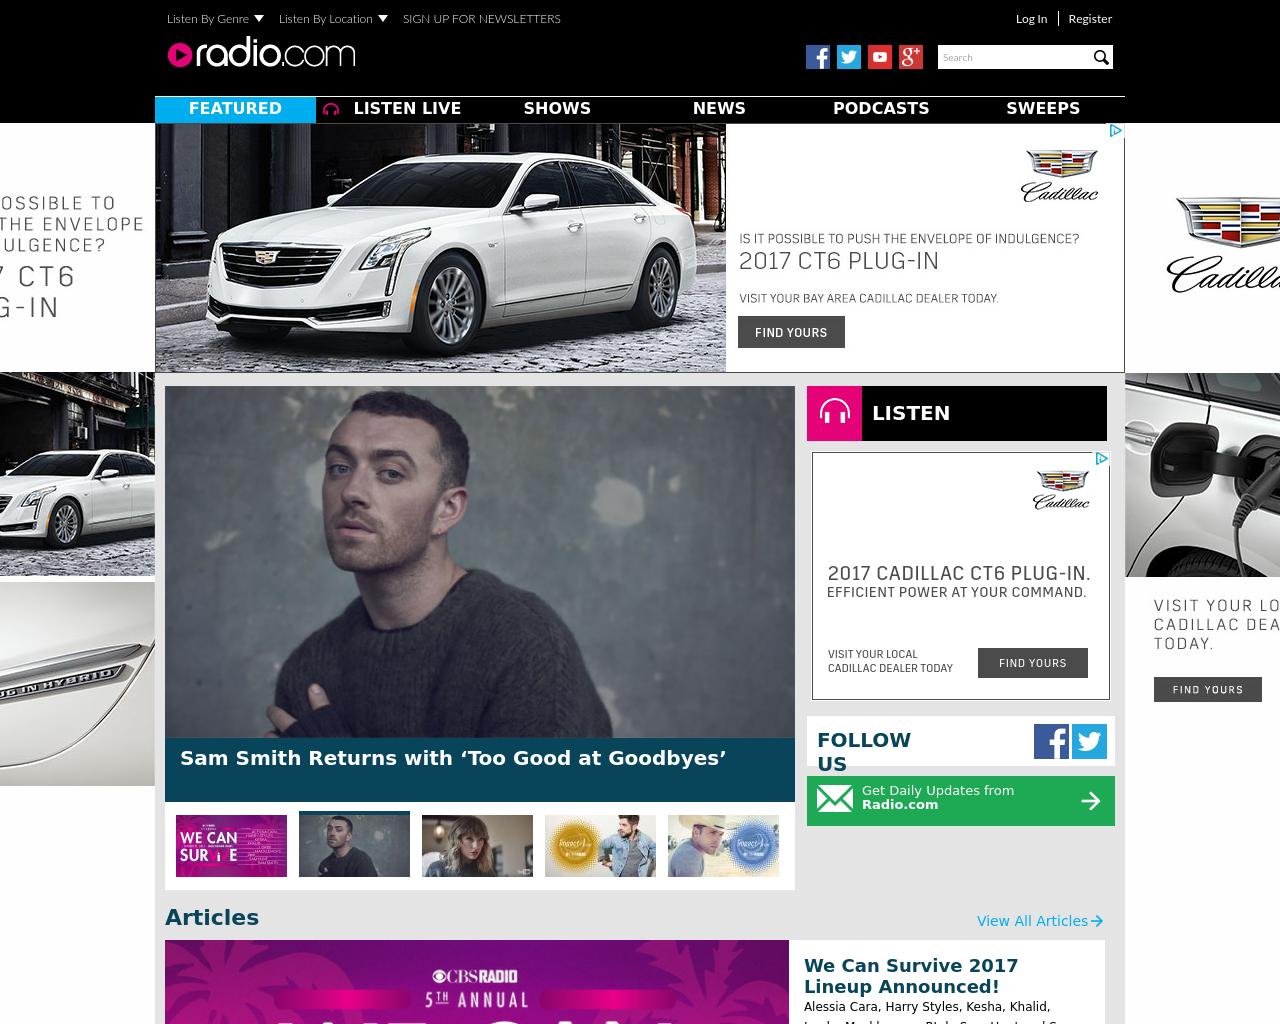 Radio.com-Advertising-Reviews-Pricing